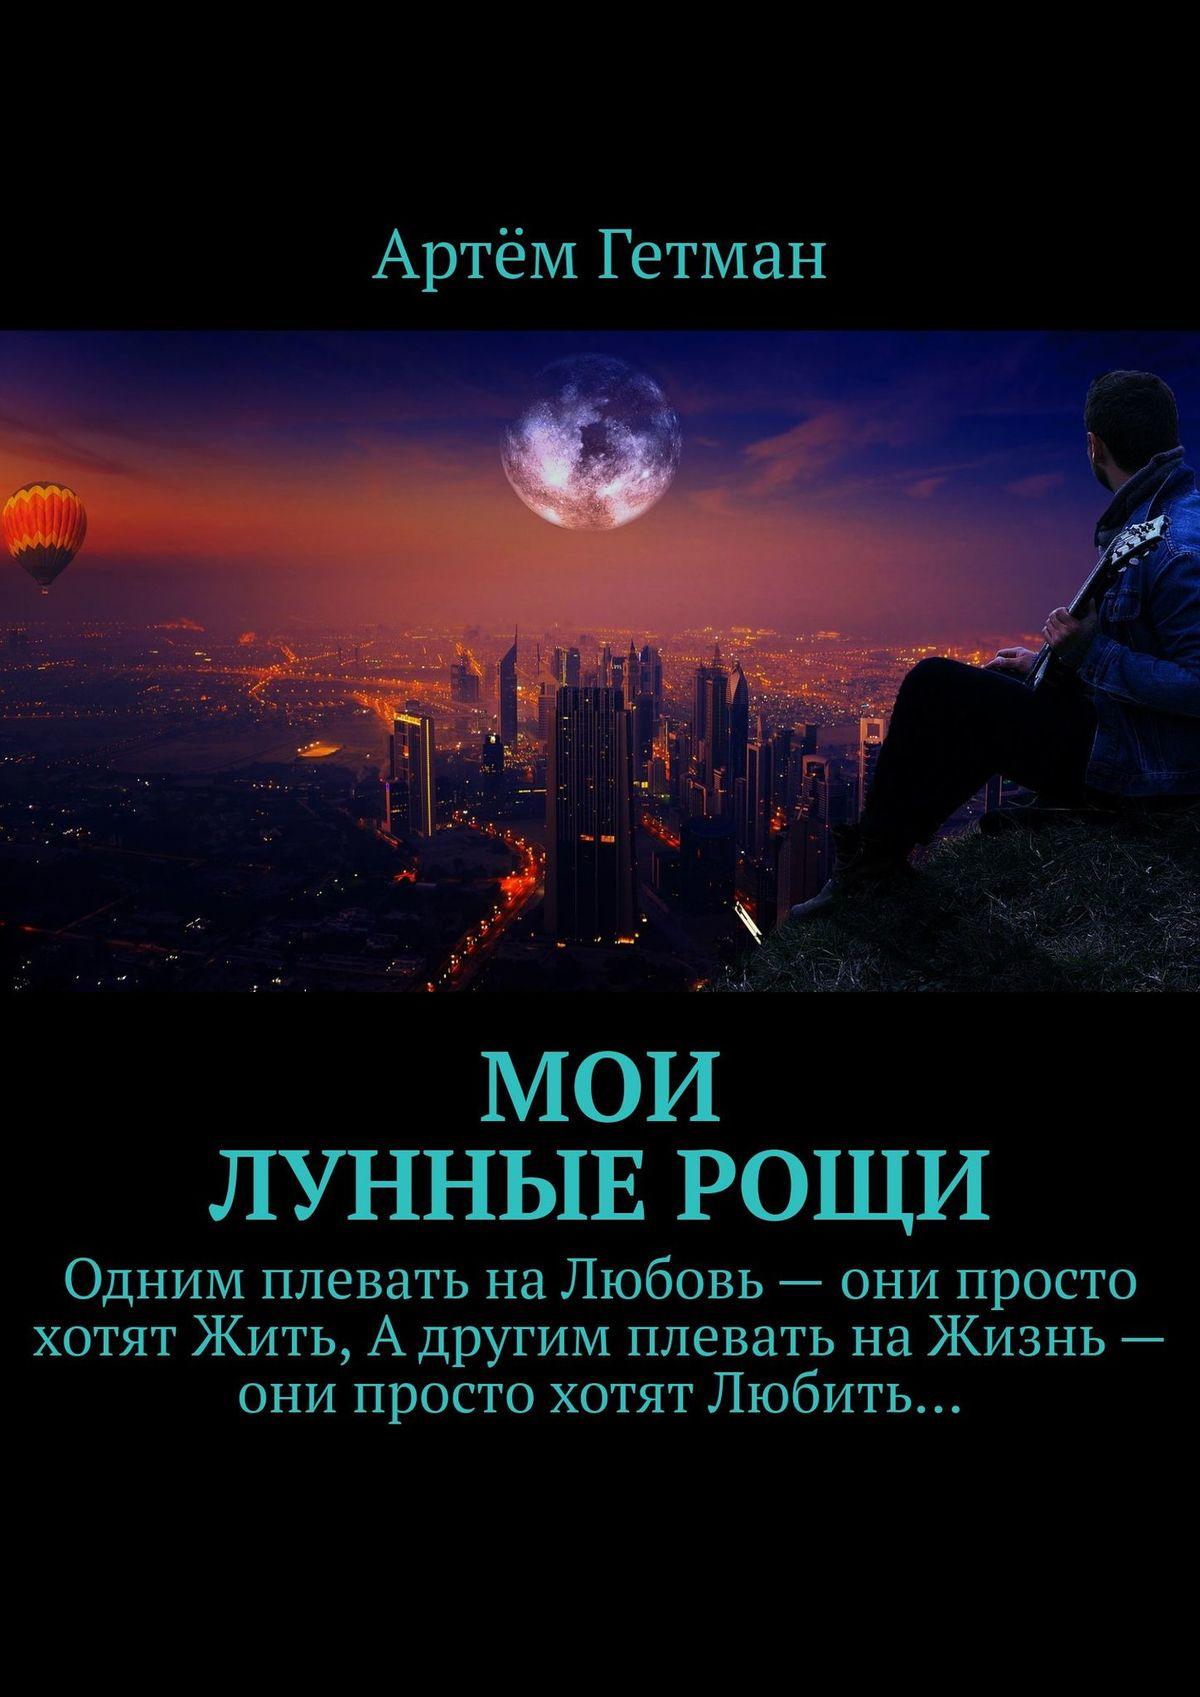 Артём Гетман Итоги. Исчезнет поэзия– исчезнет человечество…